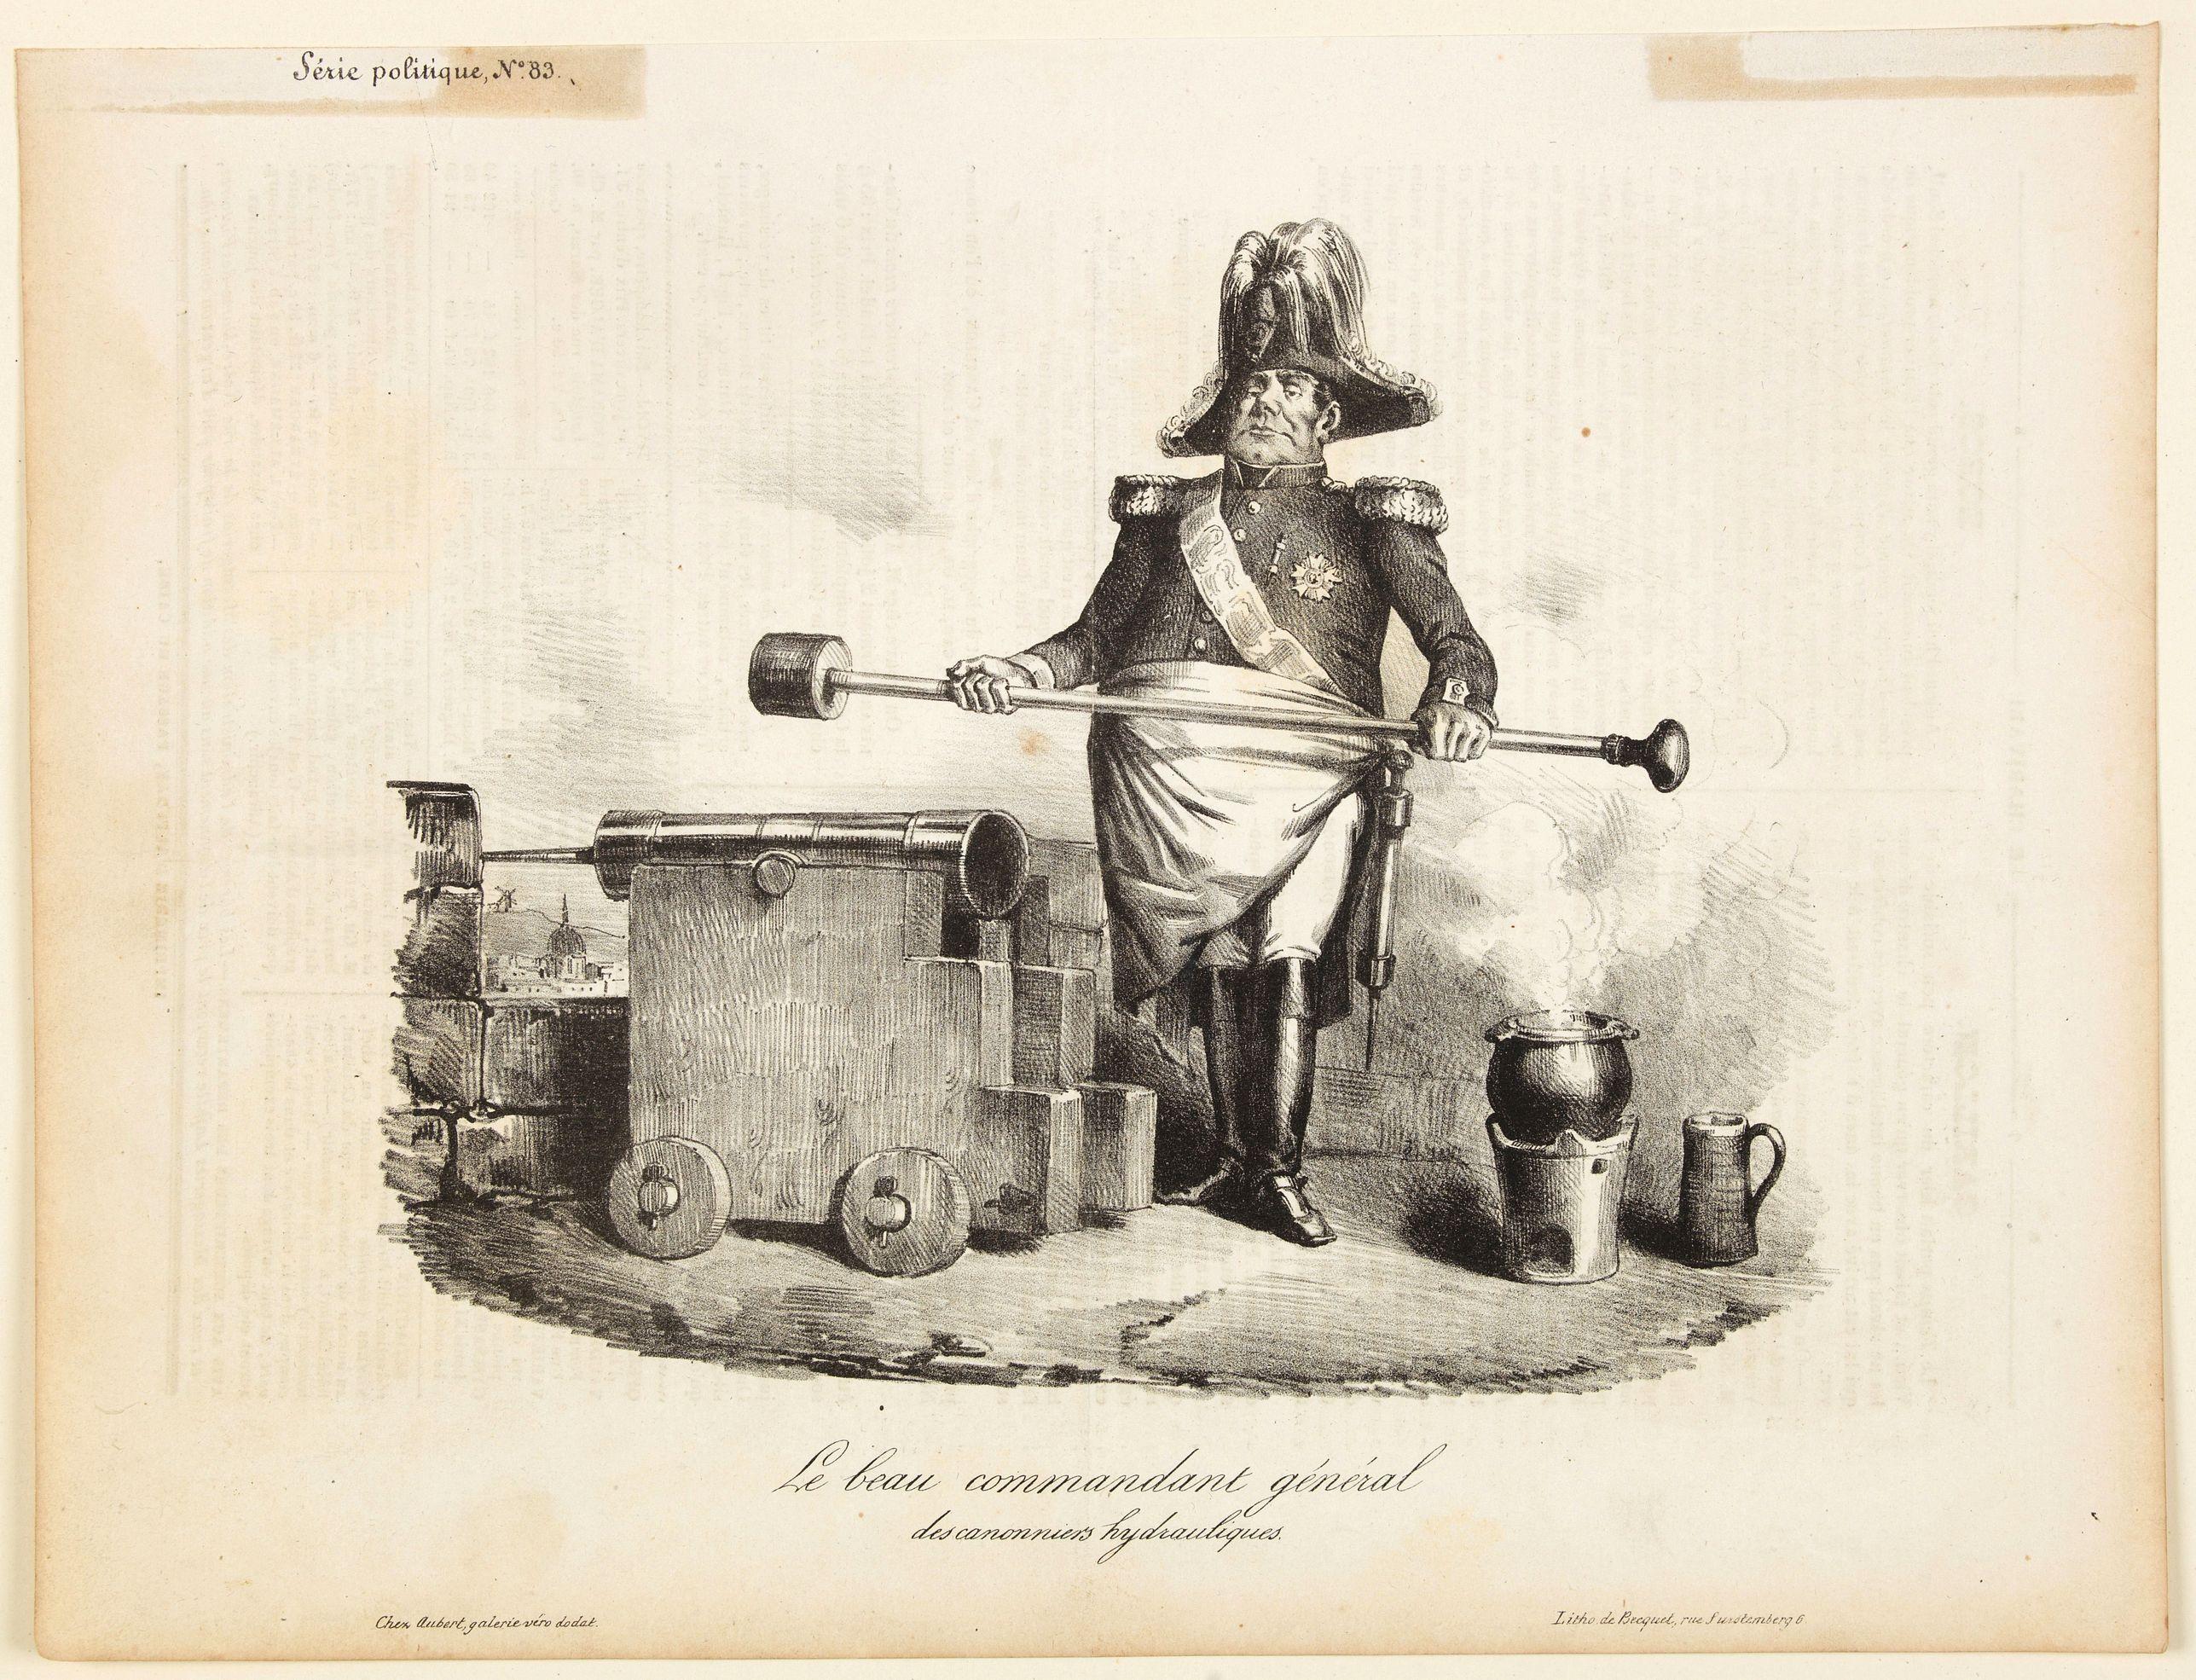 BECQUET. -  Le beau commandant general des cannonniers hydrauliques.